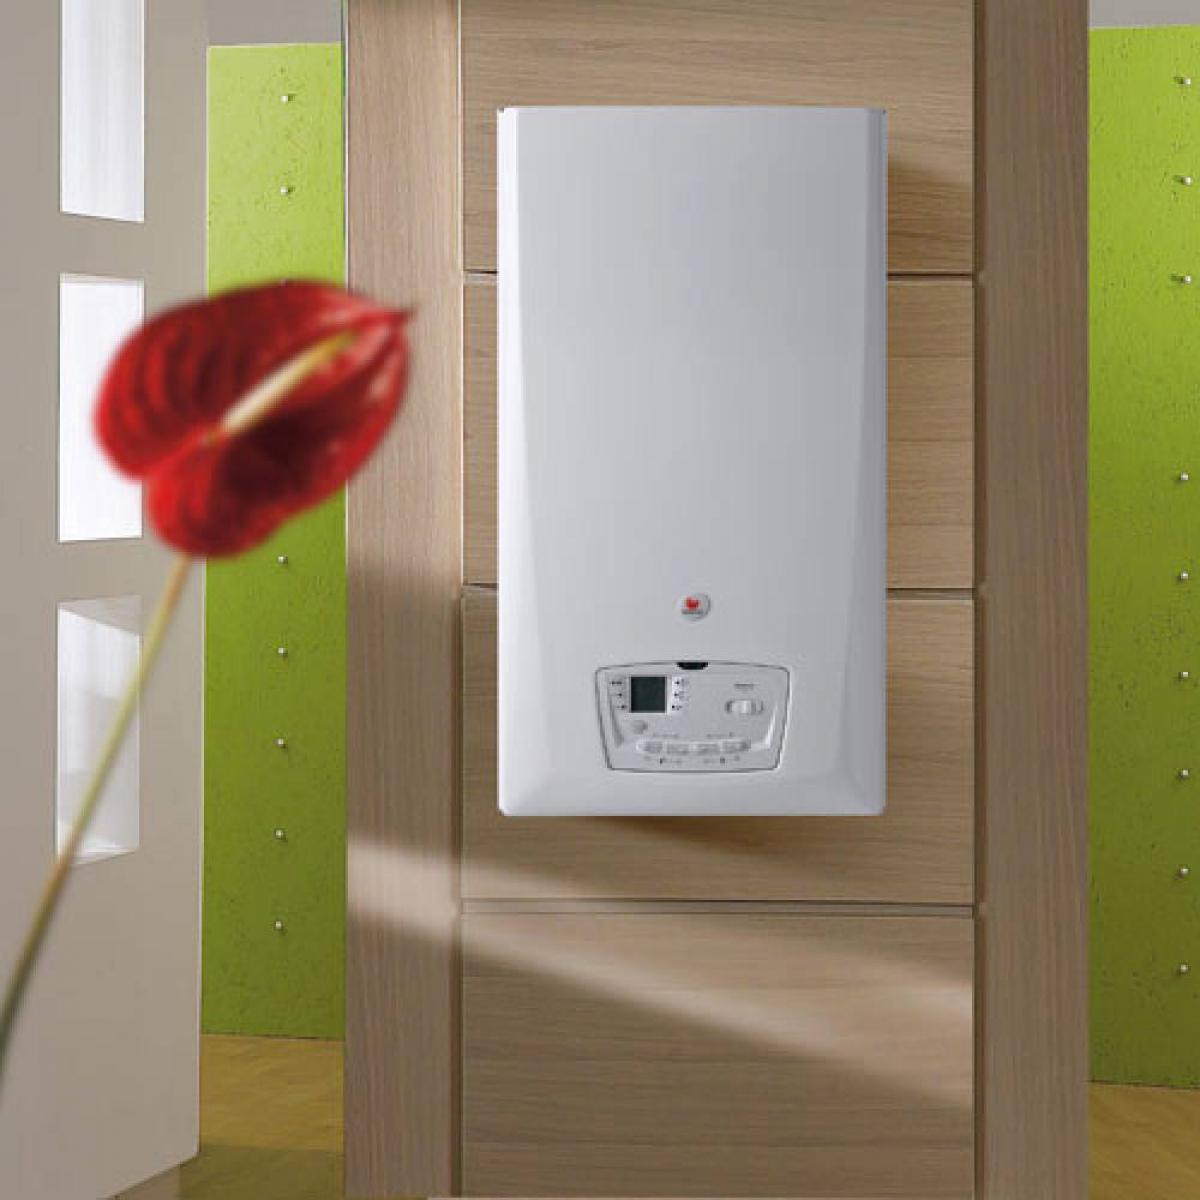 chaudi re au gaz condensation therma condens bulex induscabel salle de bains chauffage. Black Bedroom Furniture Sets. Home Design Ideas